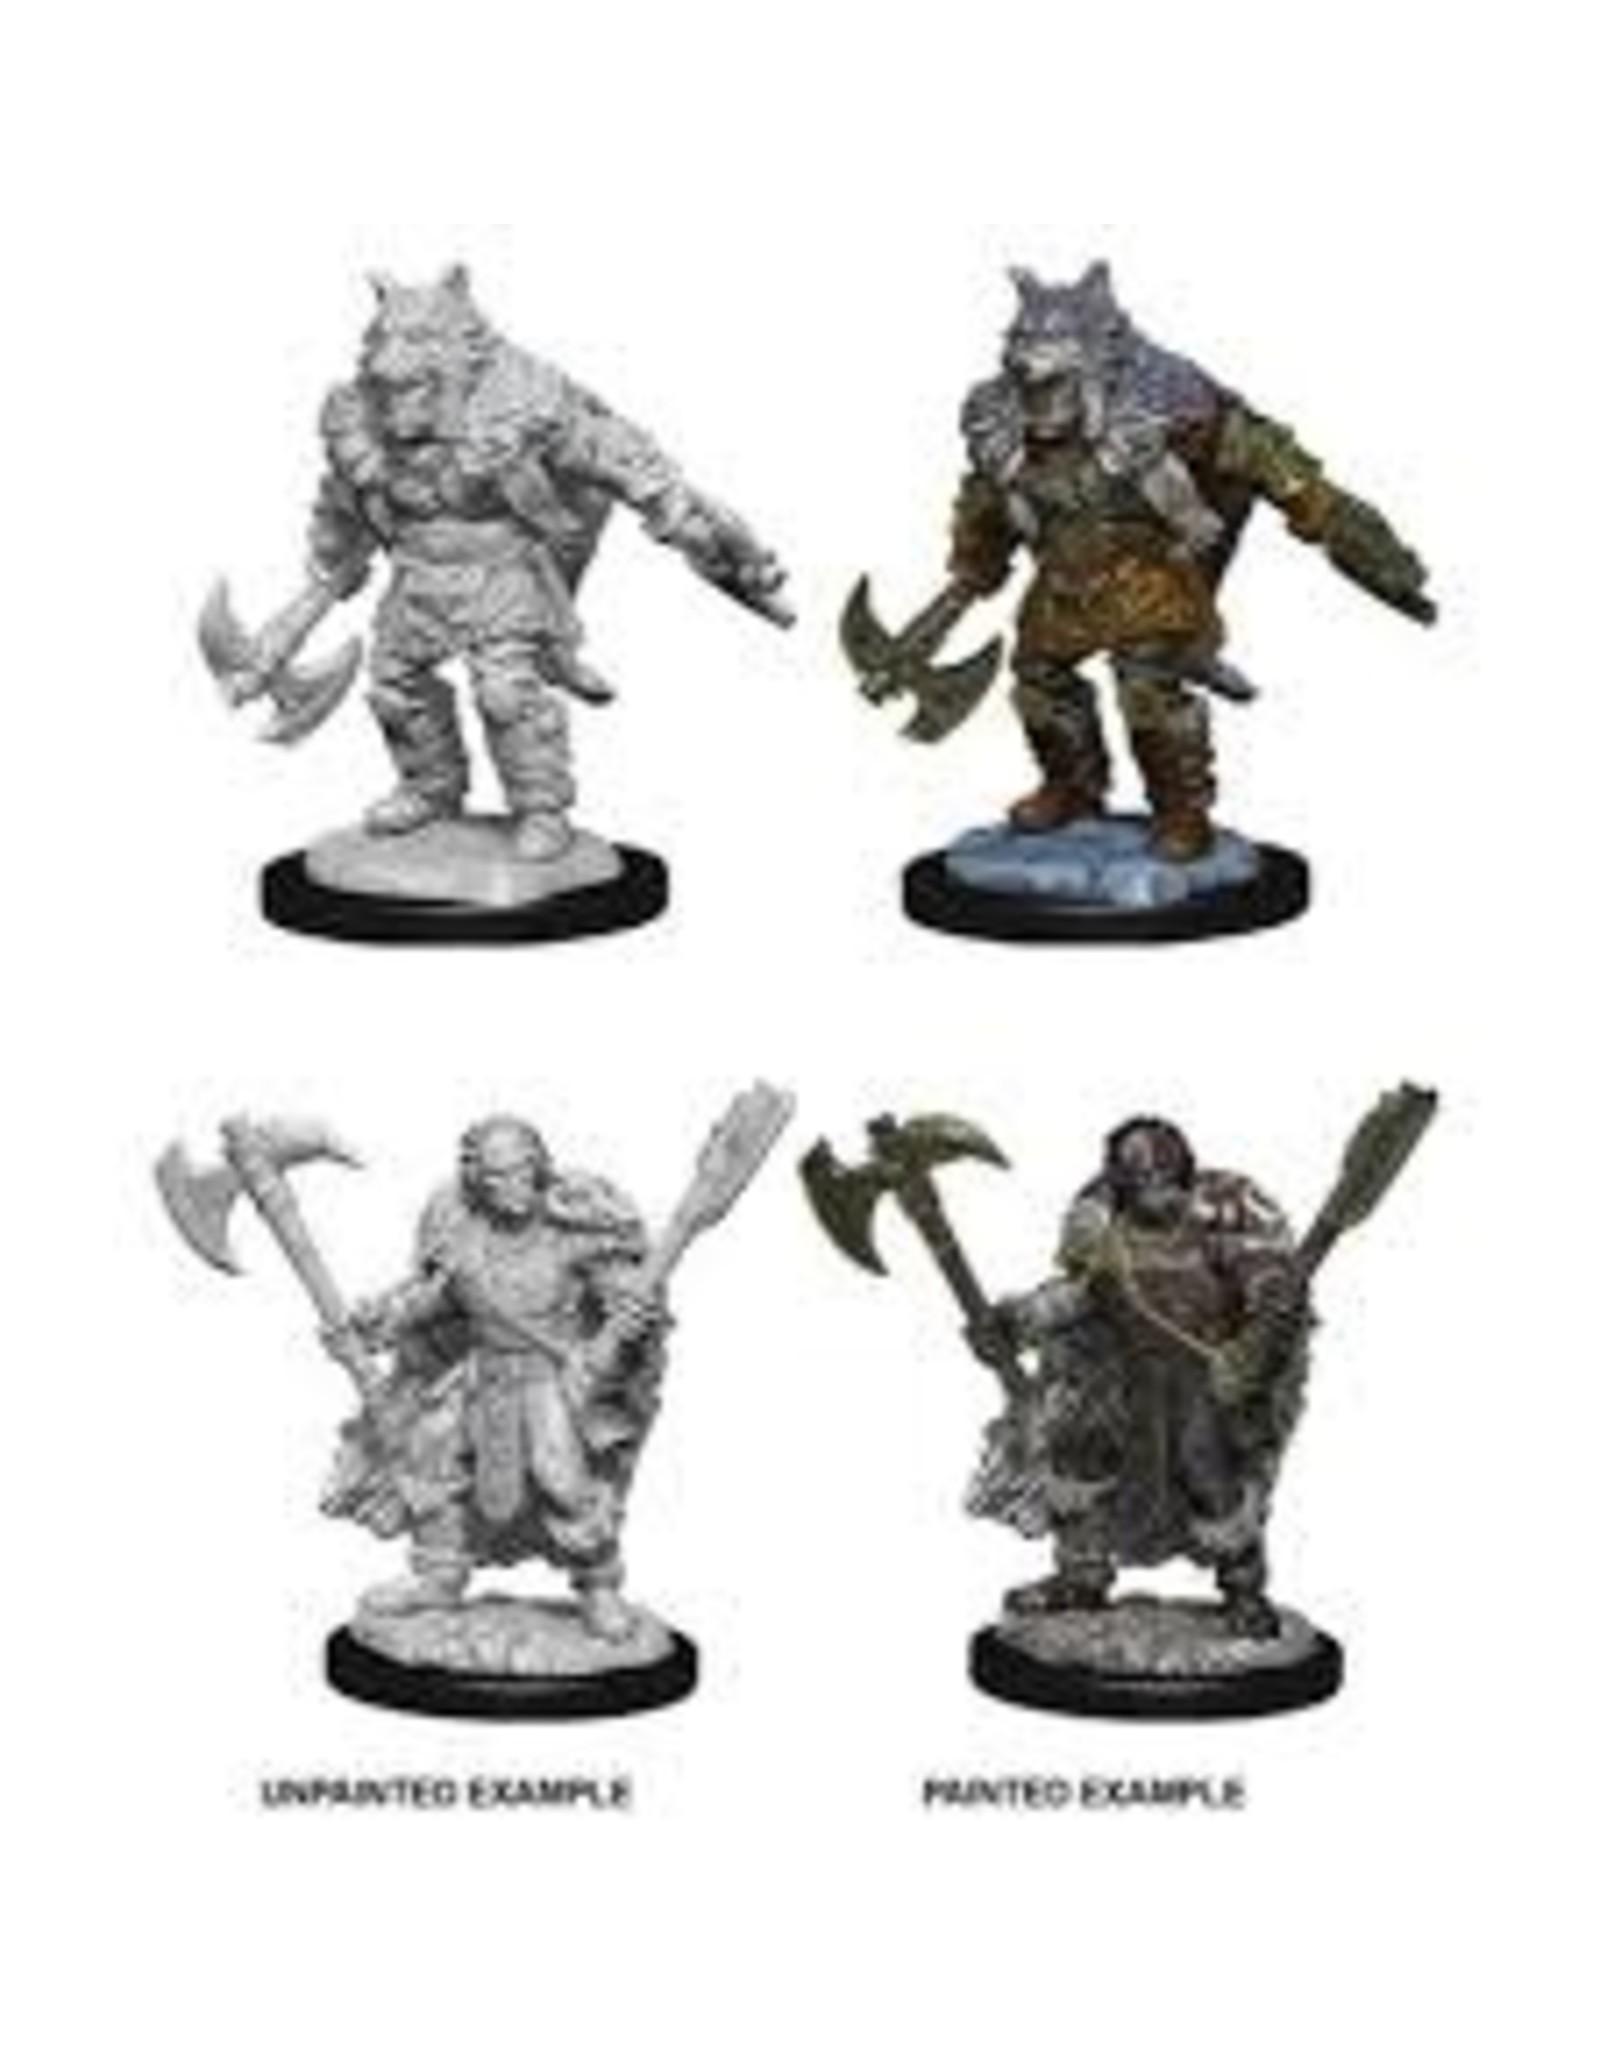 Wiz-Kids D&D Nolzur's Marvelous Miniatures - Male Half-Orc Barbarian